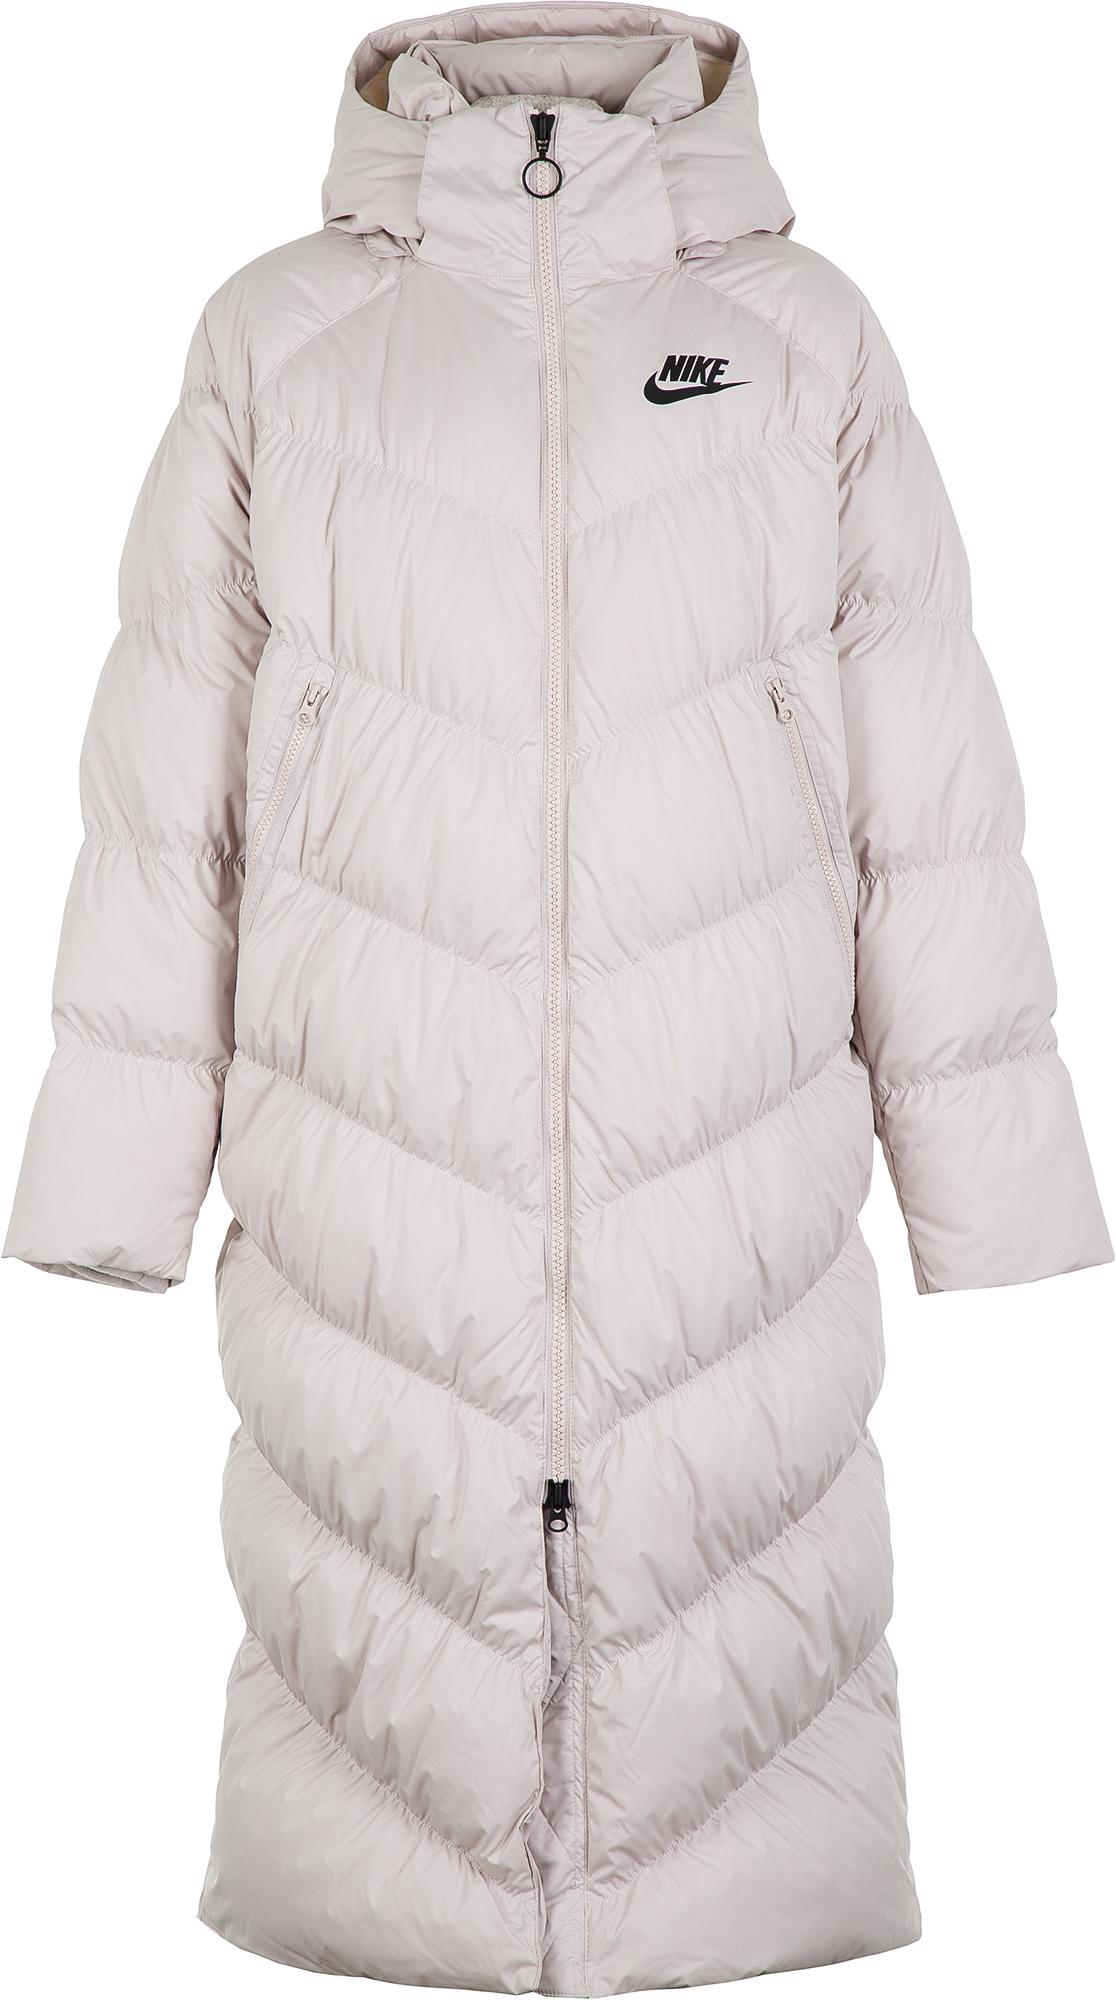 цена на Nike Куртка пуховая женская Nike, размер 46-48